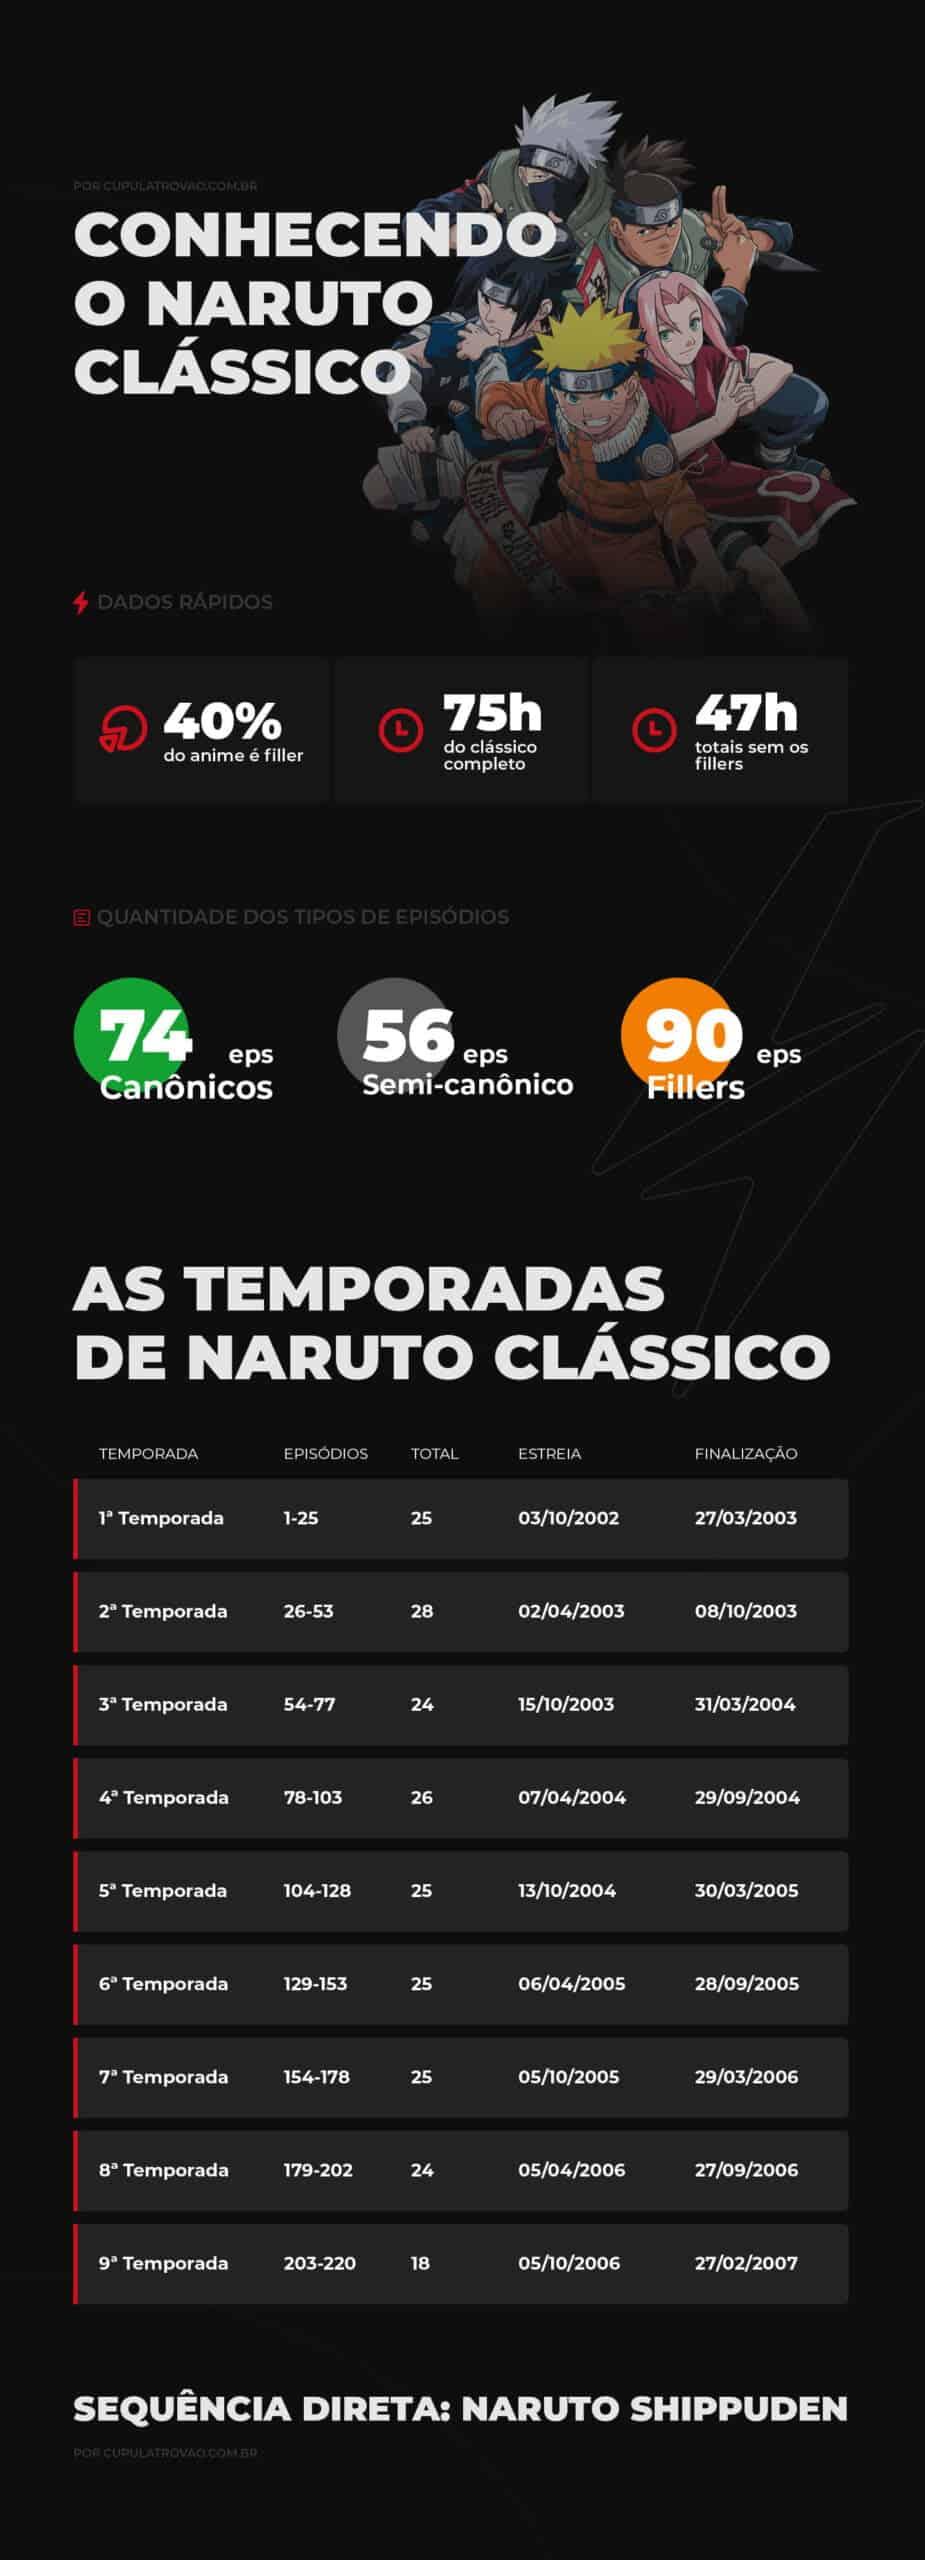 Conhecendo o Naruto clássico possui 40% do anime inteiro como filler. Considerando o anime inteiro seria 75 horas de episódios e se desconsiderar os fillers seriam 47 horas de episódios.